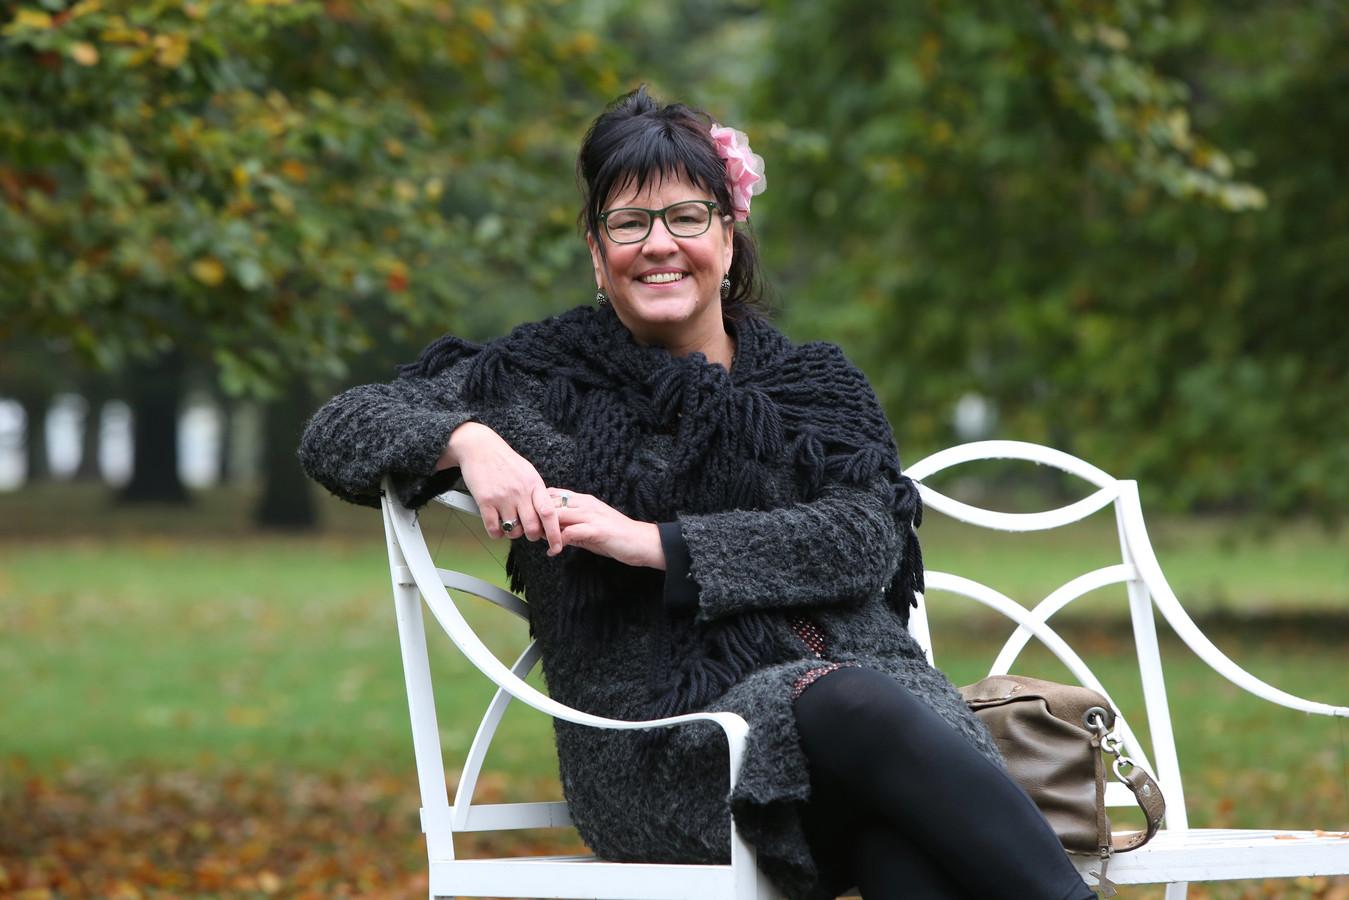 Marion Vorselman uit Olst heeft voor Het Beste Idee van Olst-Wijhe de juryprijs gewonnen: het pop-up café.